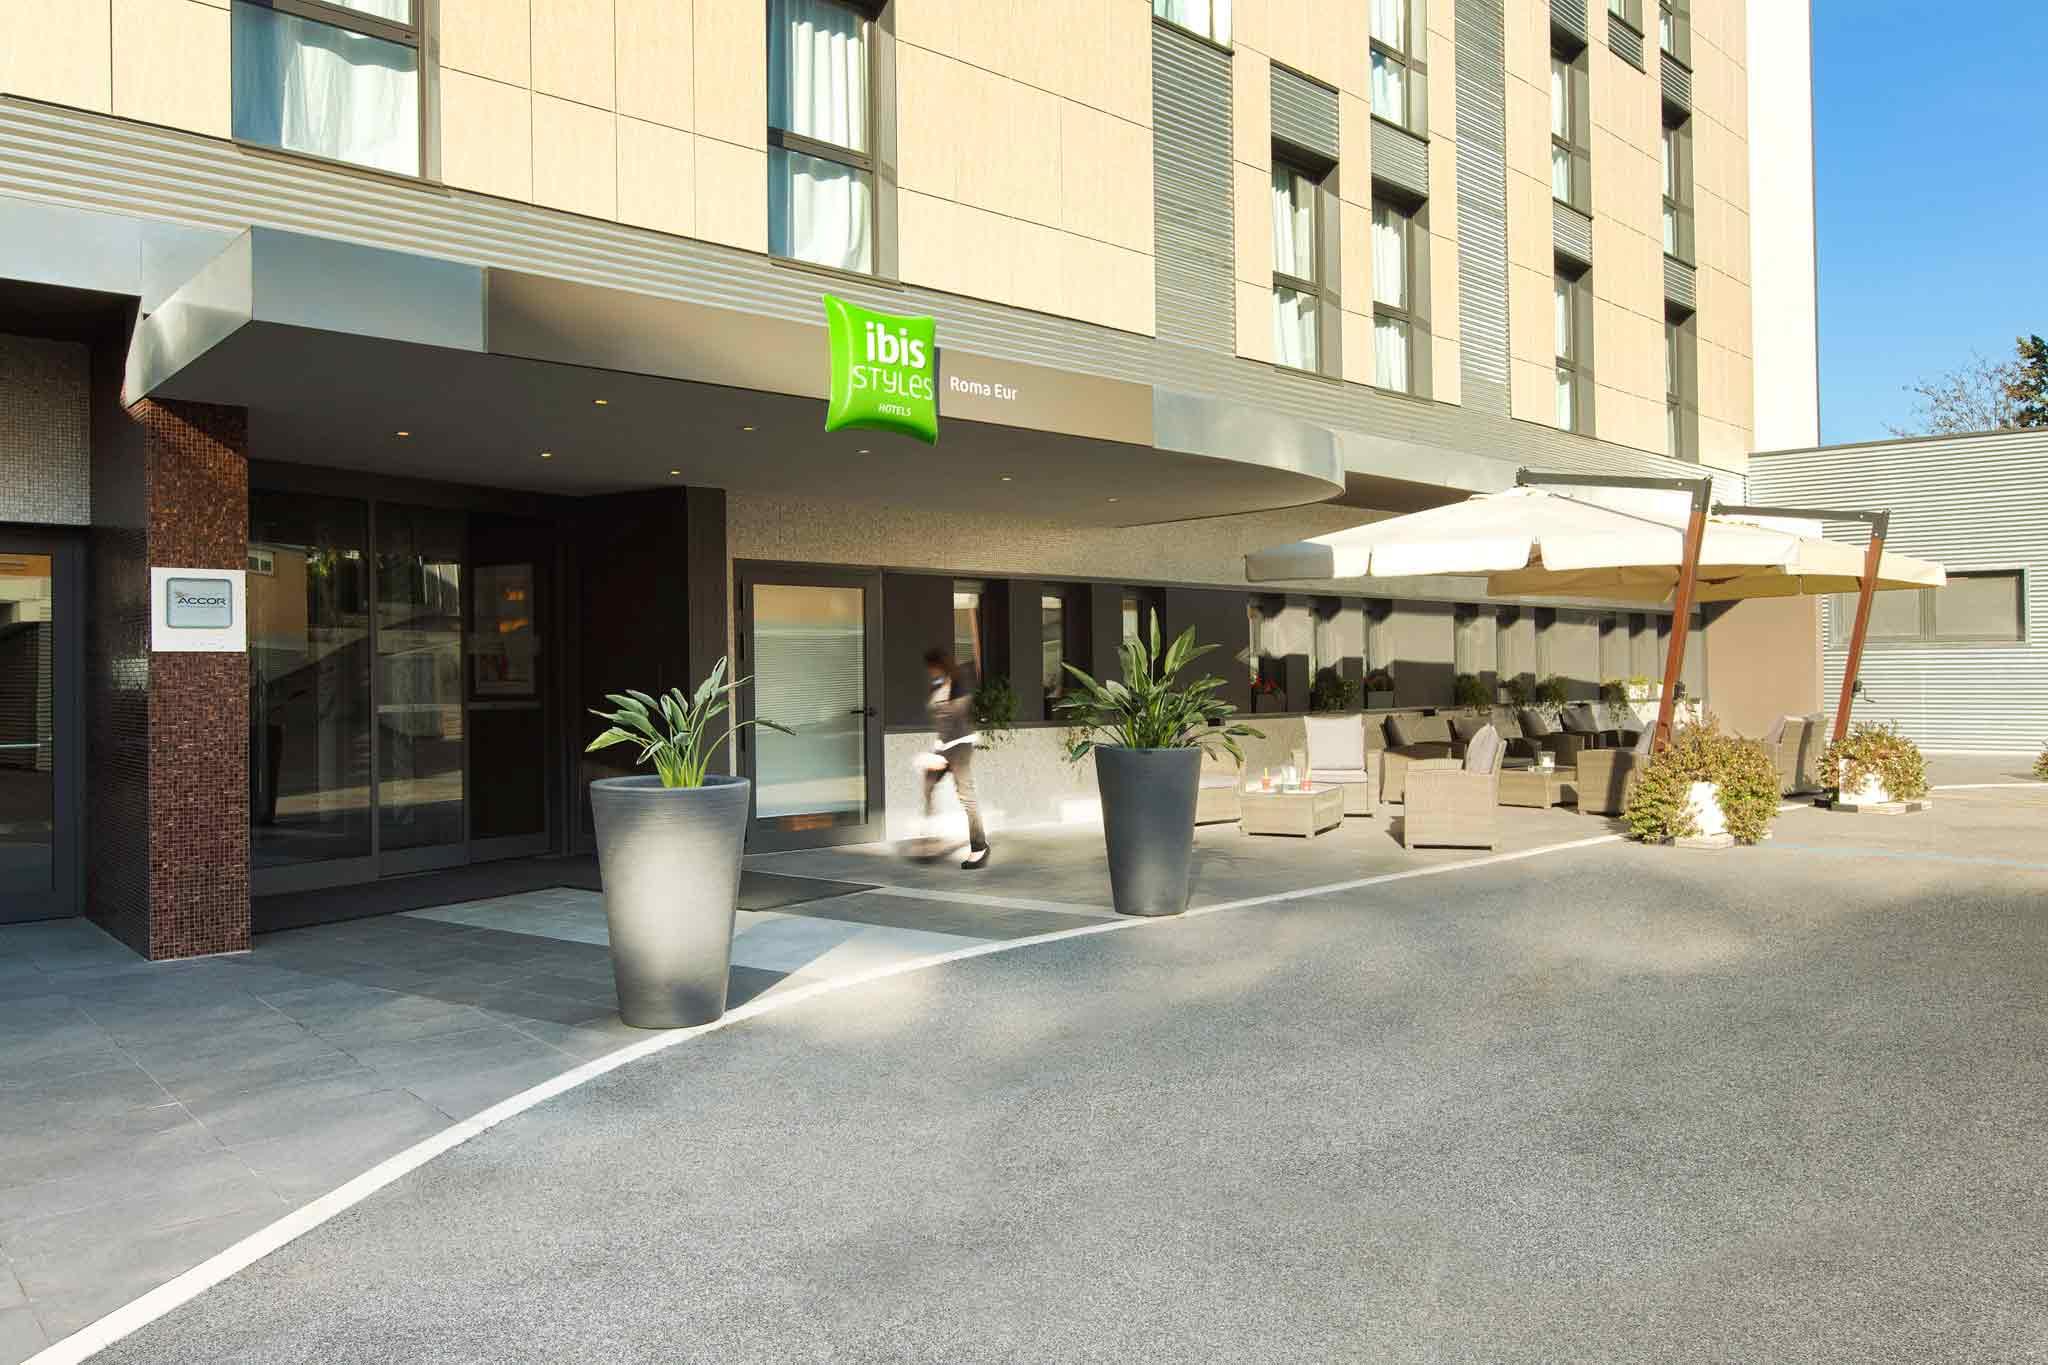 酒店 – 宜必思尚品罗马 Eur 酒店- 新张酒店